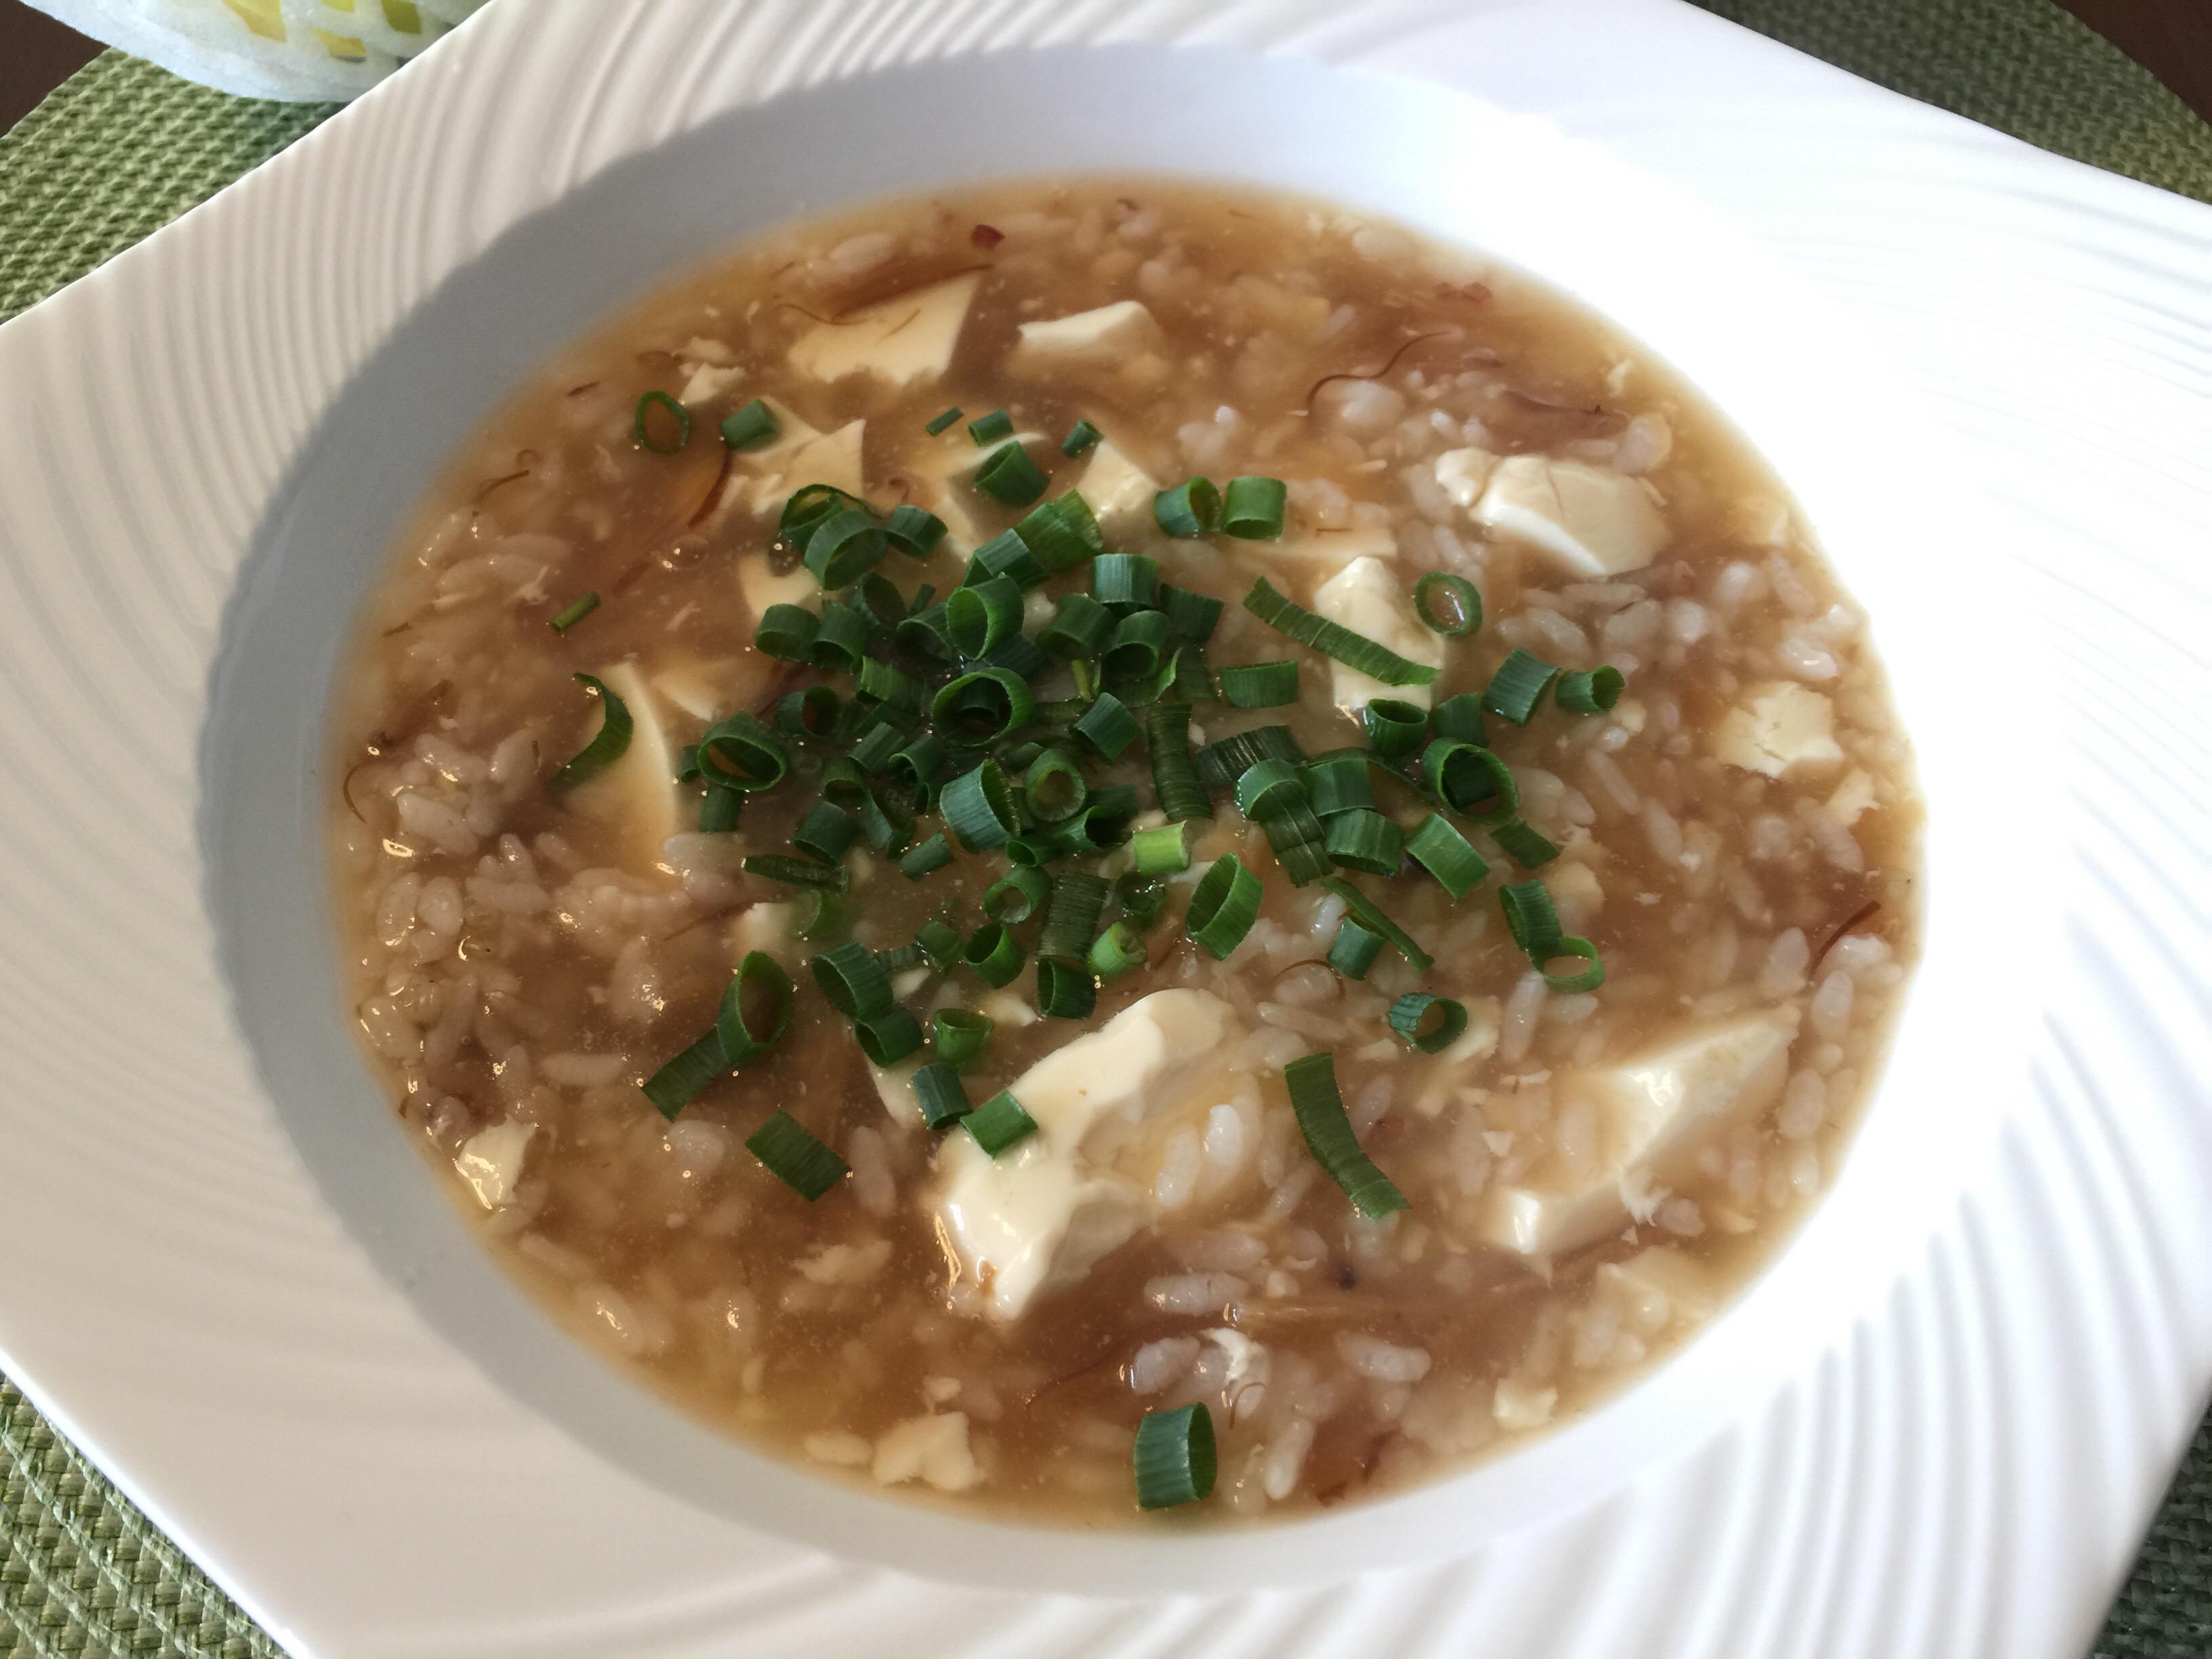 八洲電機からの株主優待 気仙沼のふかひれスープをいただきました